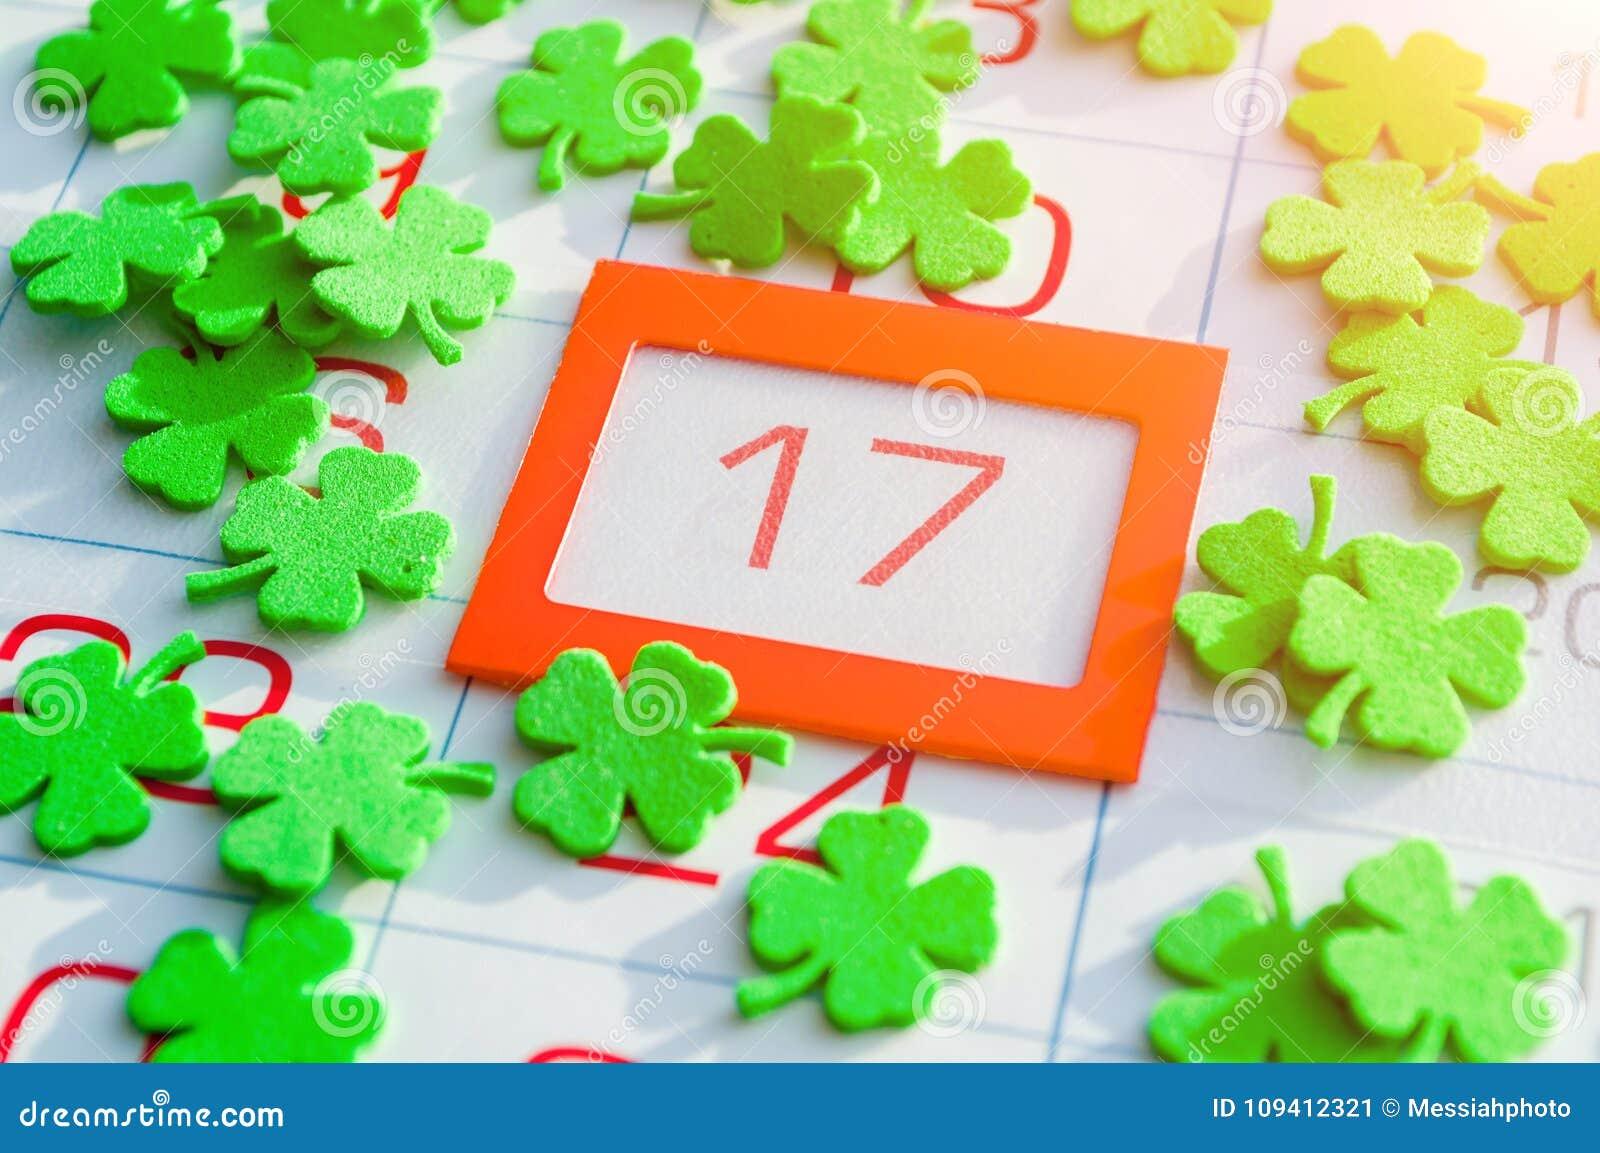 Fondo festivo del día del ` s de St Patrick Los quatrefoils verdes que cubrían el calendario con la naranja brillante enmarcaron